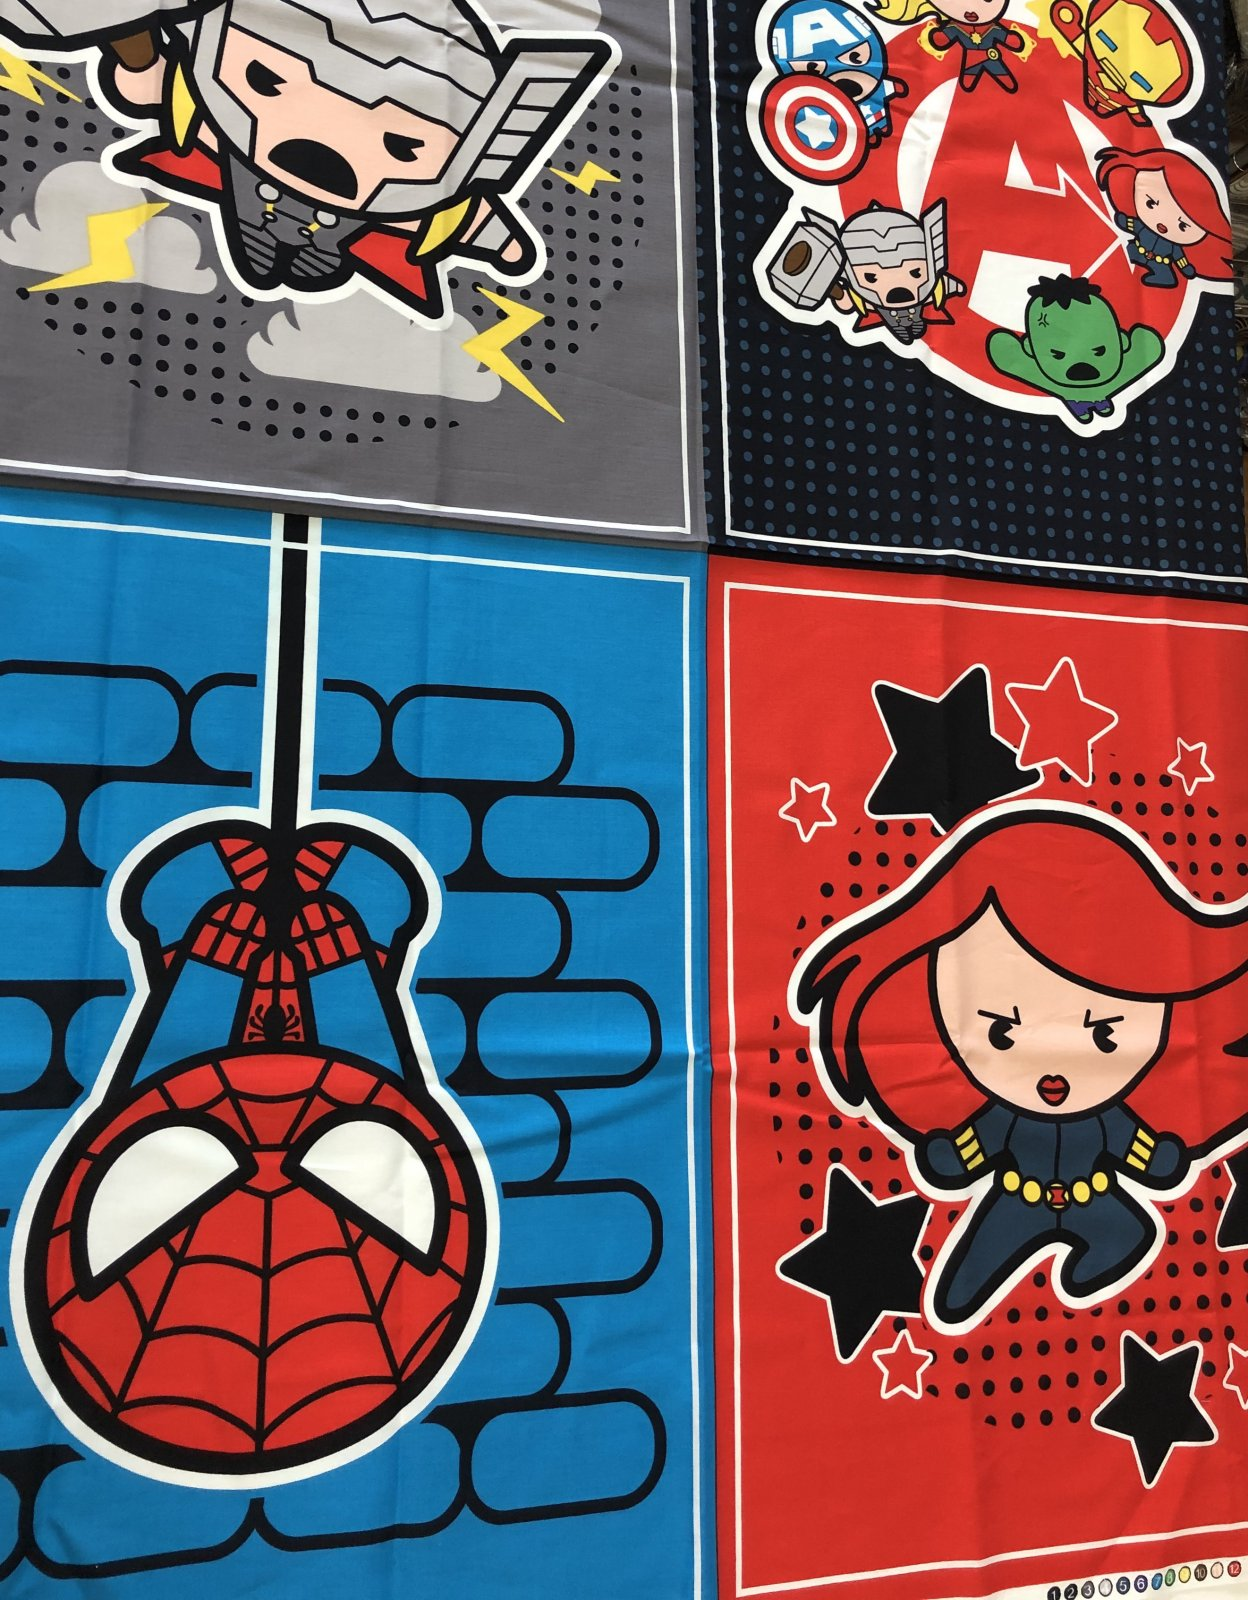 Multi Marvel Avengers Panel